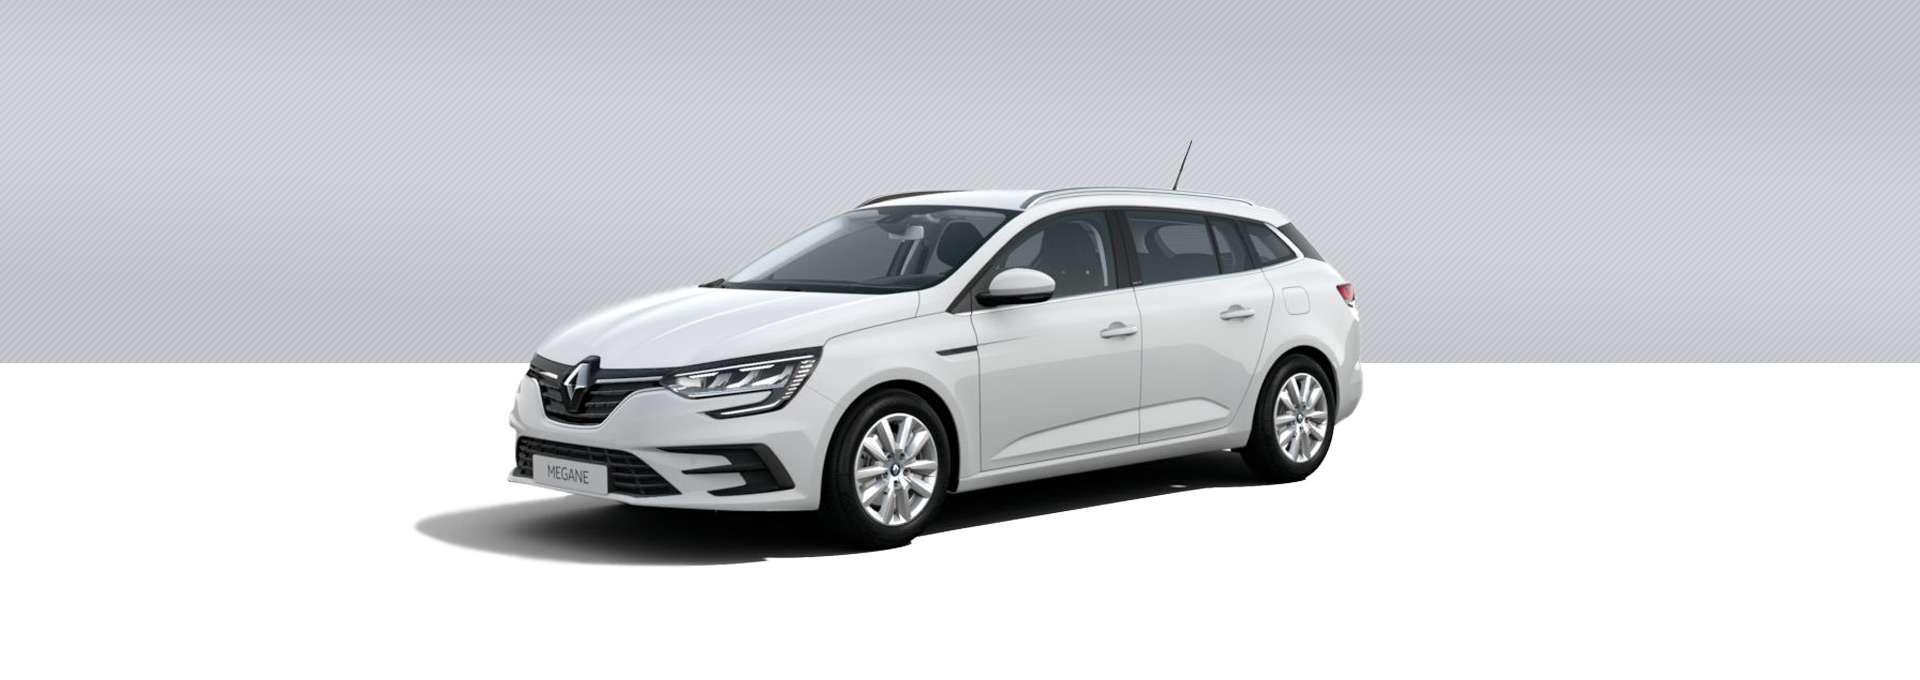 Renault NUEVO MEGANE SPORT TOURER E-TECH